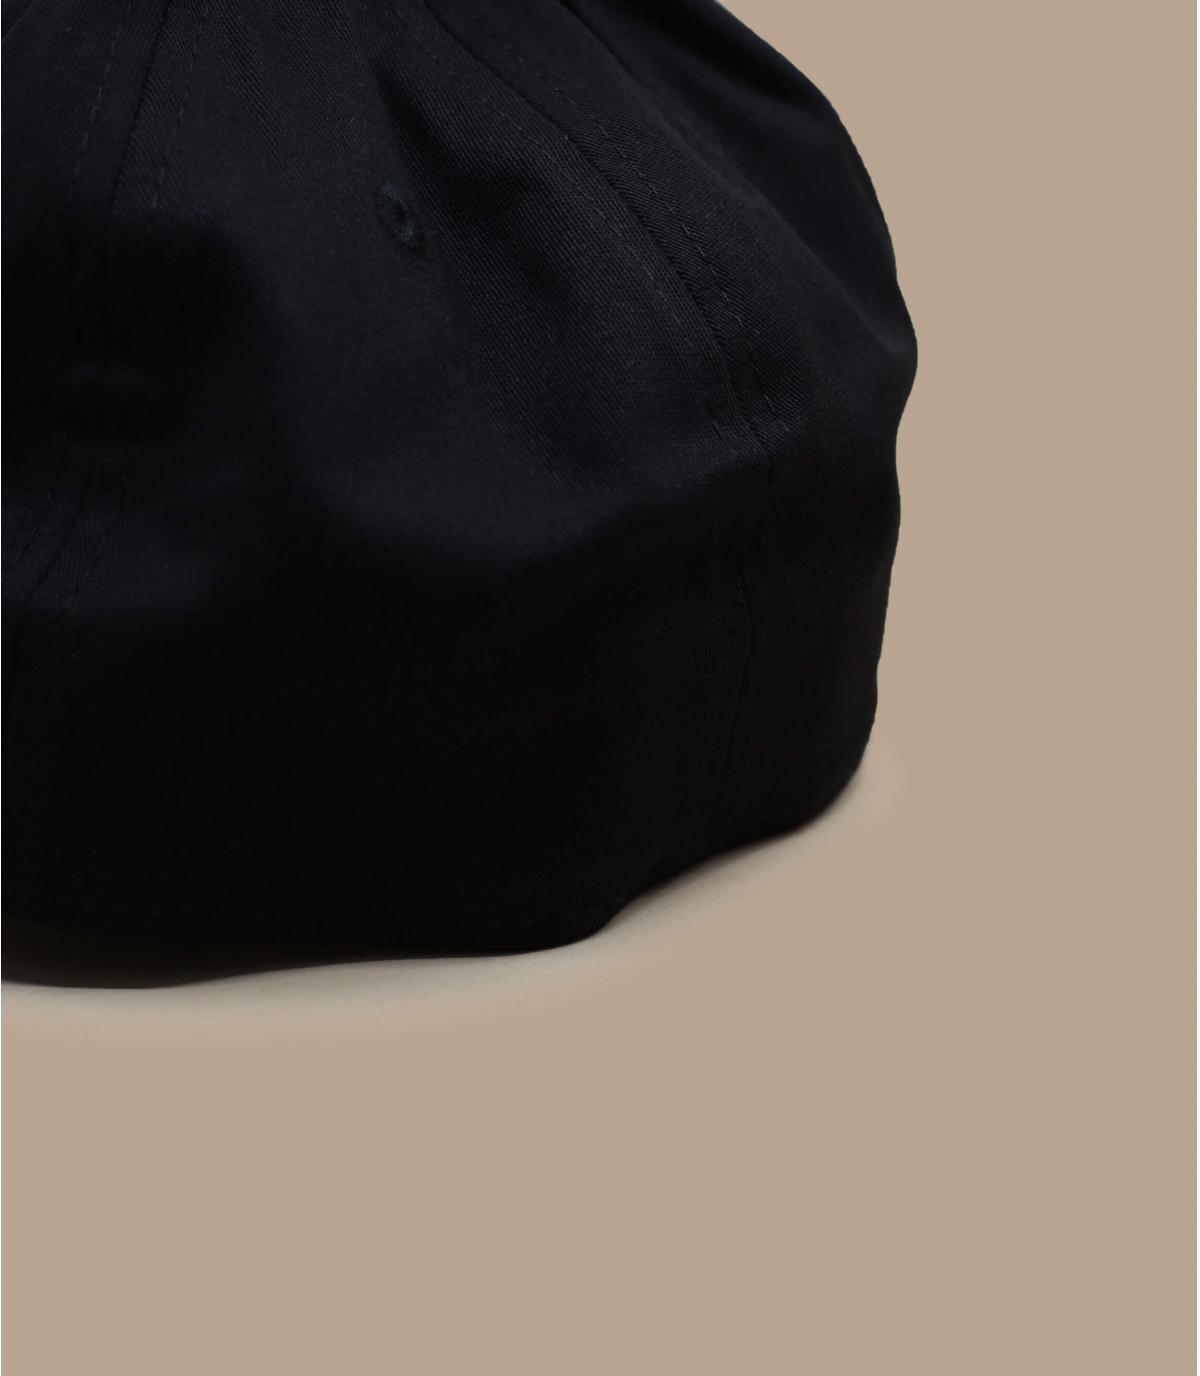 Dettagli 39Thirty NY black white - image 4